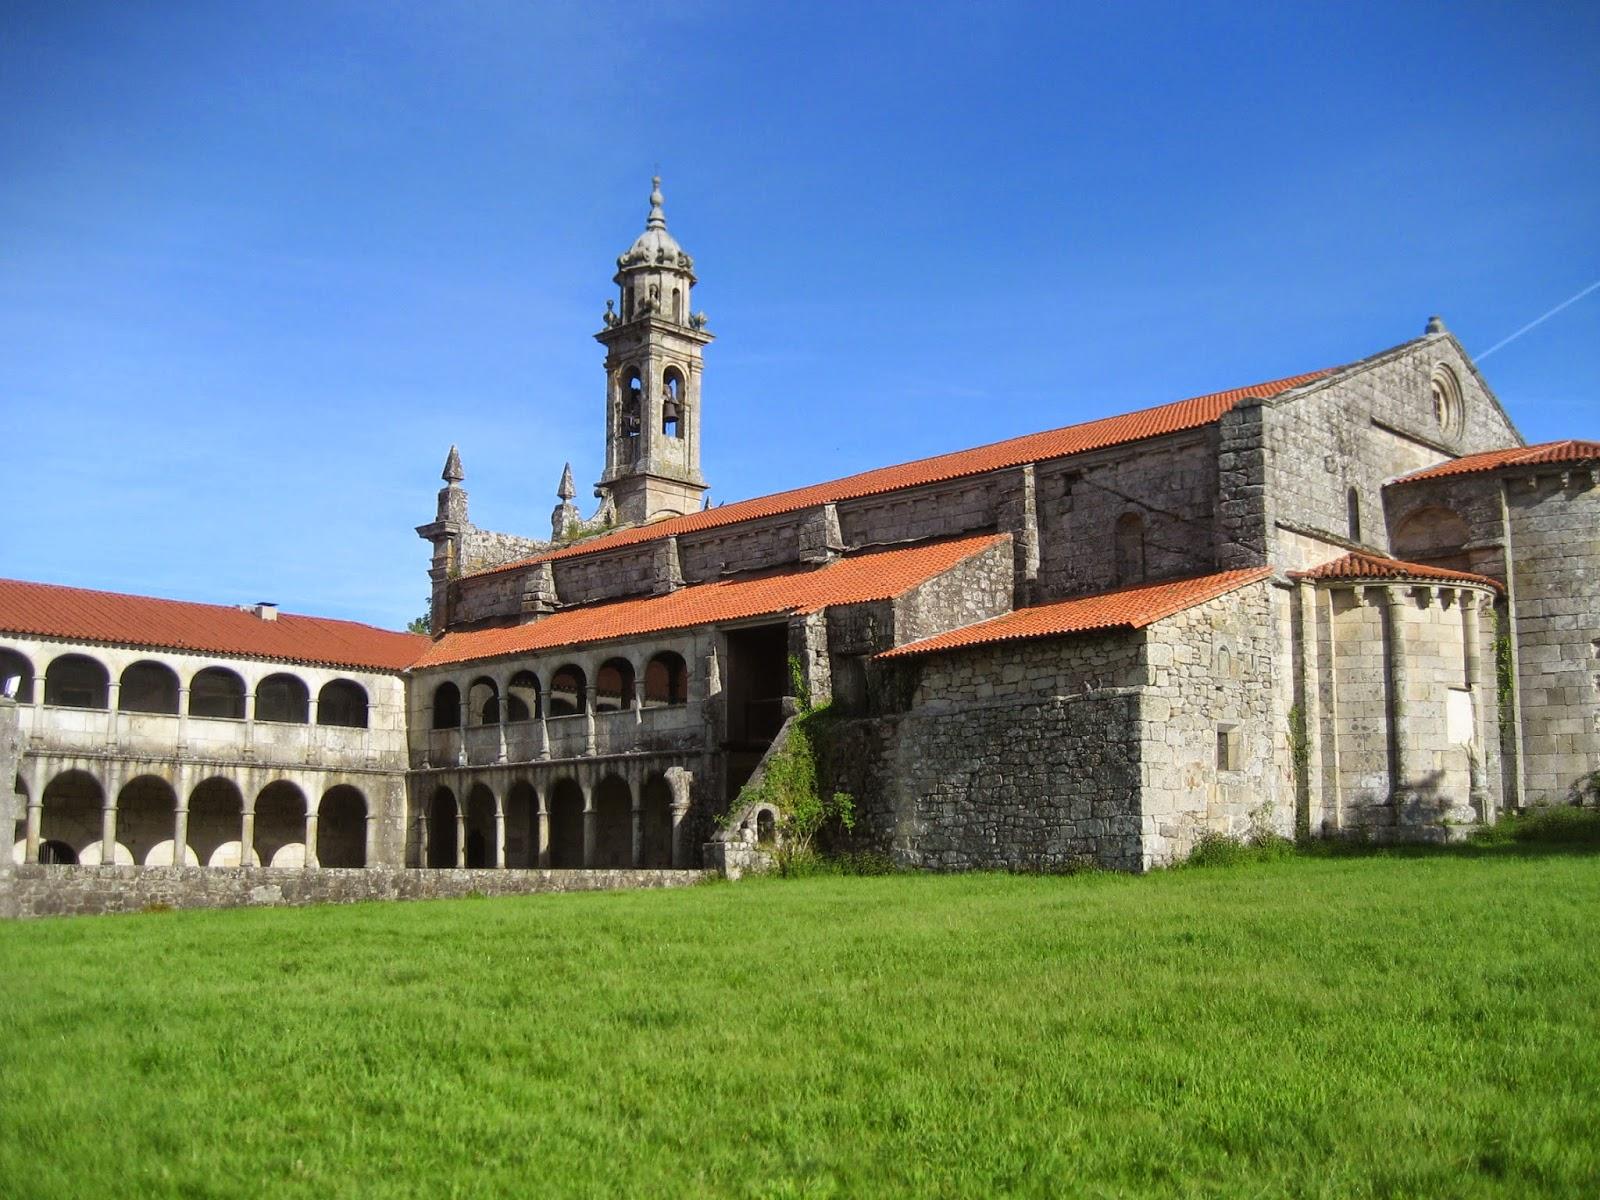 Monasterio cisterciense de Xunqueira de Espadanedo